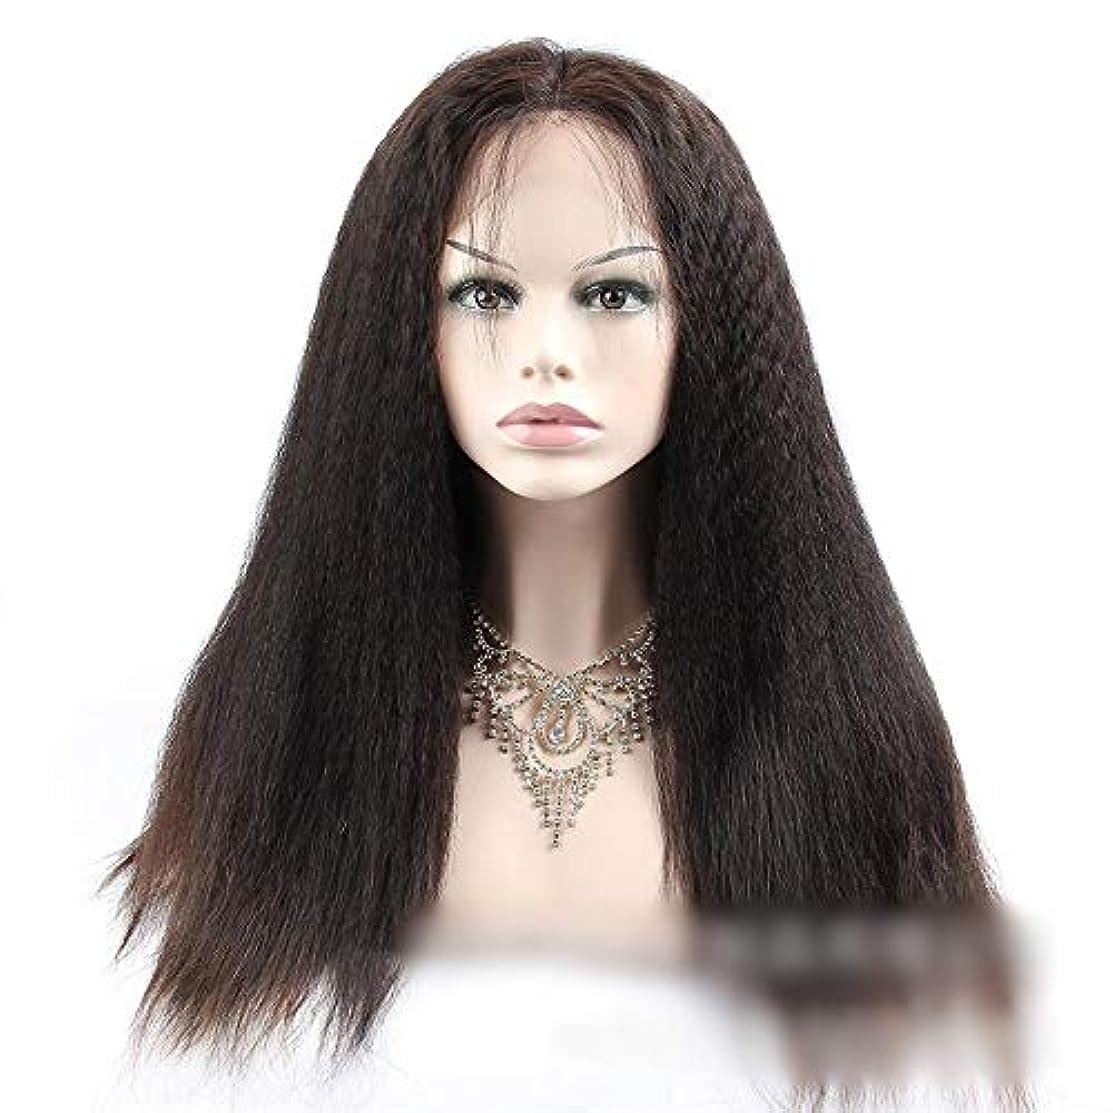 招待マーティンルーサーキングジュニア保護するHOHYLLYA 360人間の髪の毛のレースの閉鎖前頭変態ストレートヘア高密度ヘアエクステンション小さなカーリーウィッグ (色 : 黒, サイズ : 12 inch)